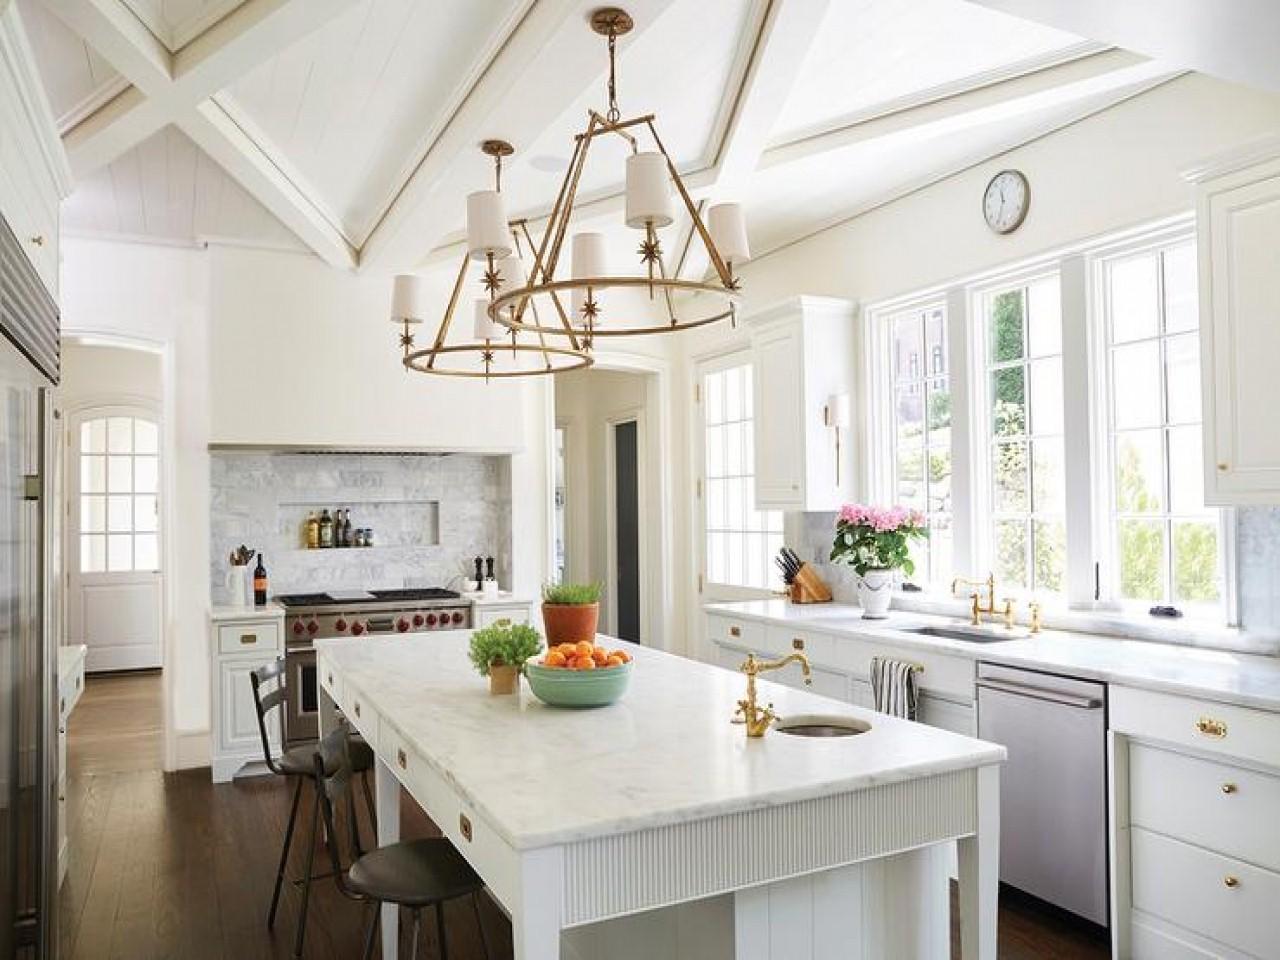 10 stylish kitchen lighting ideas to